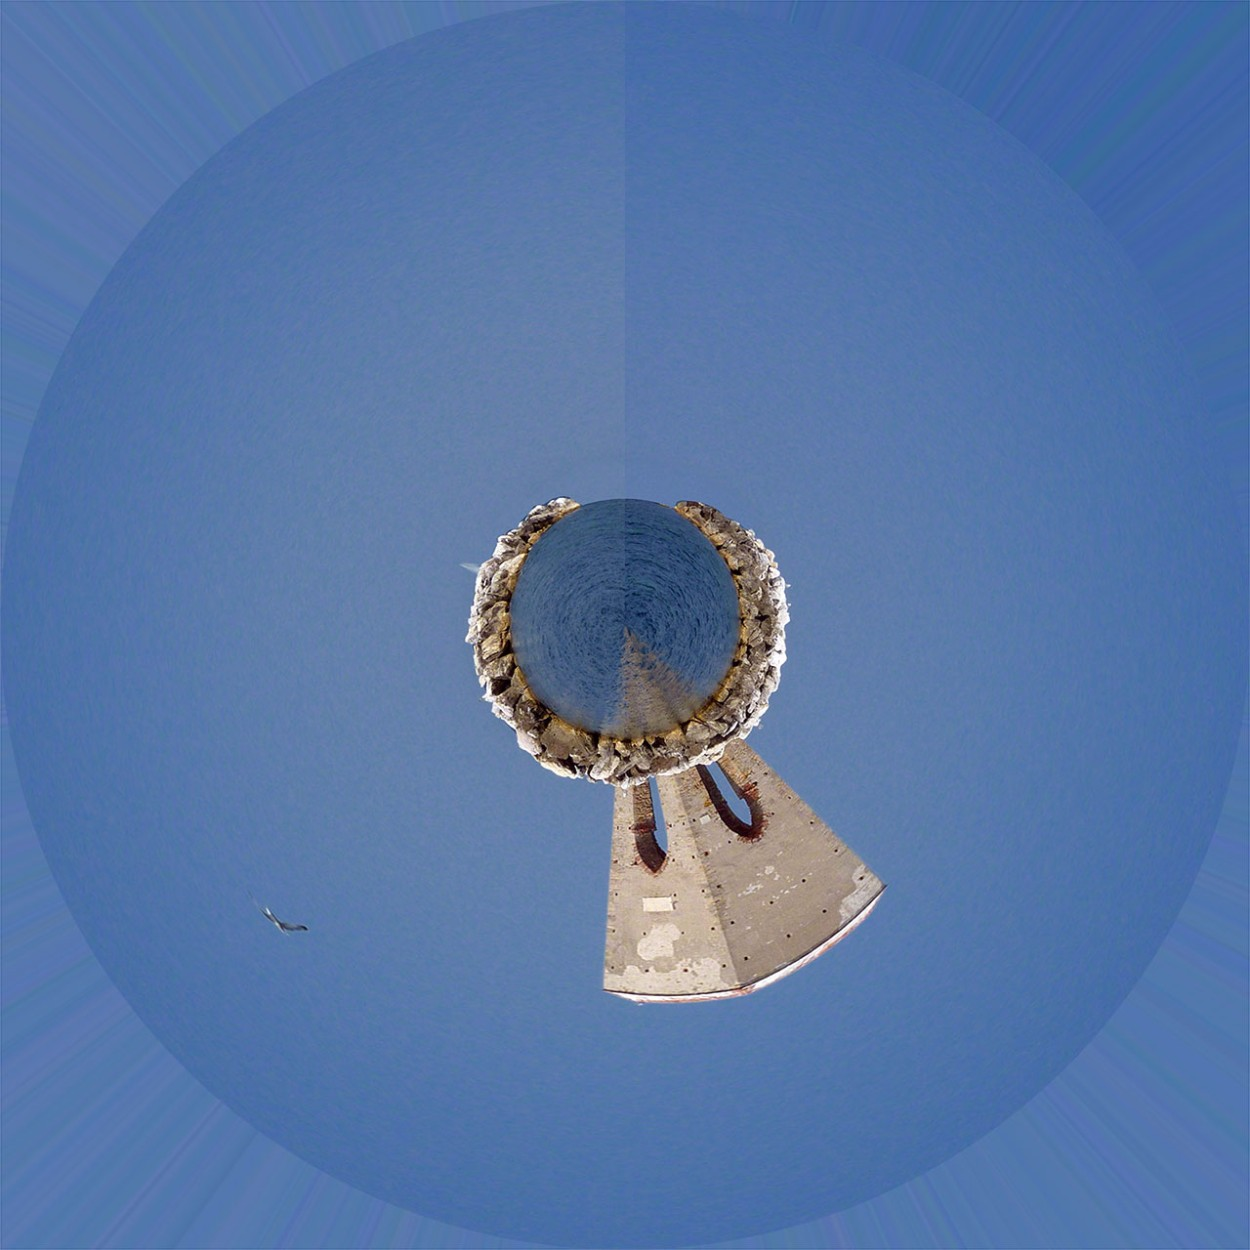 Creare un Pianeta con una foto con Photoshop in 3 Passaggi - pianeta con linea di congiunzione marcata